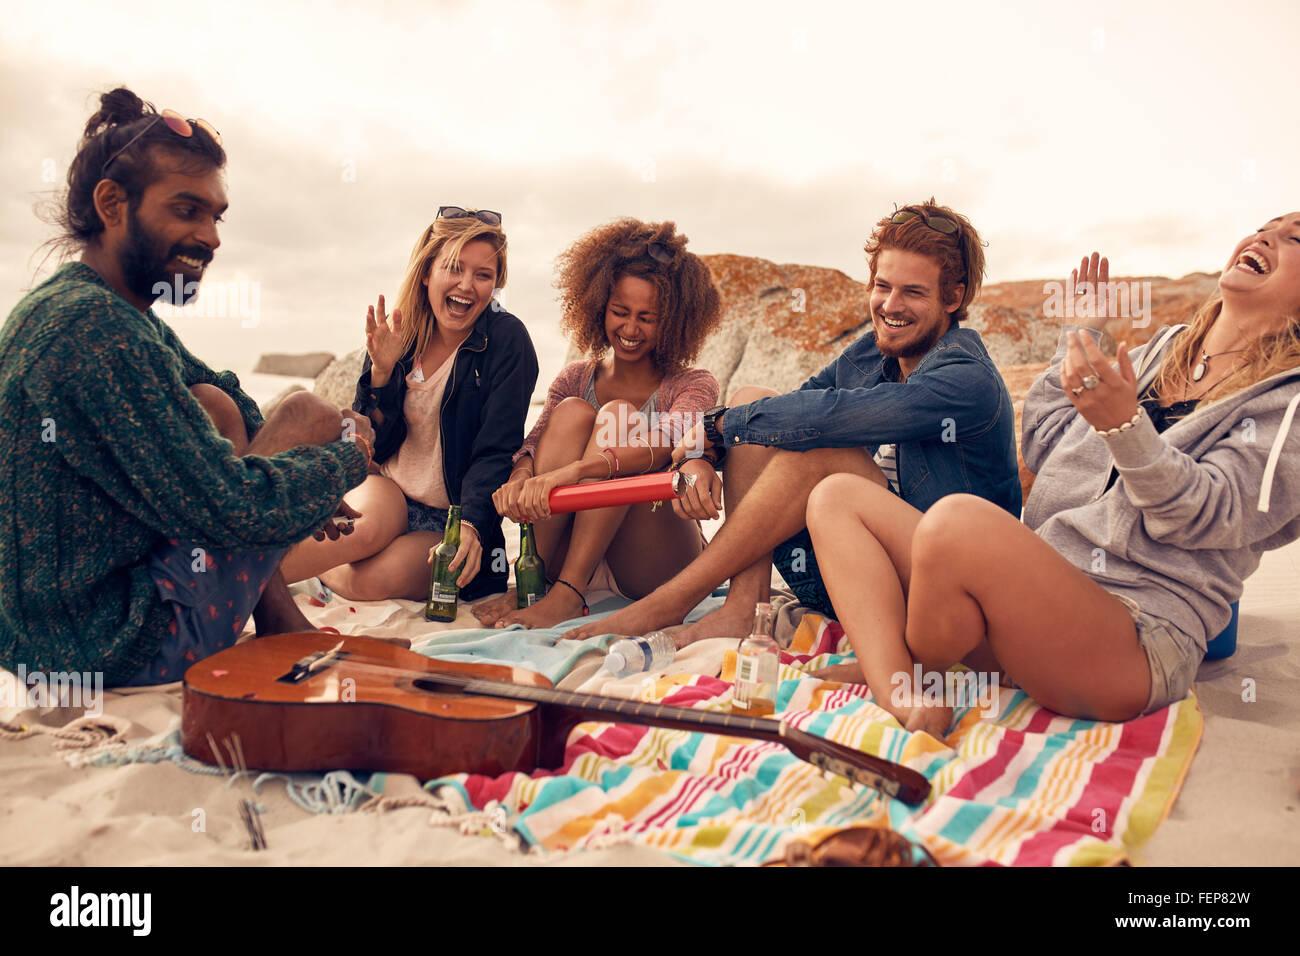 Gruppe von jungen Freunden gemeinsam auf eine Beach-Party feiern. Junge Menschen, die Neujahrsfeier am Meer. Stockbild